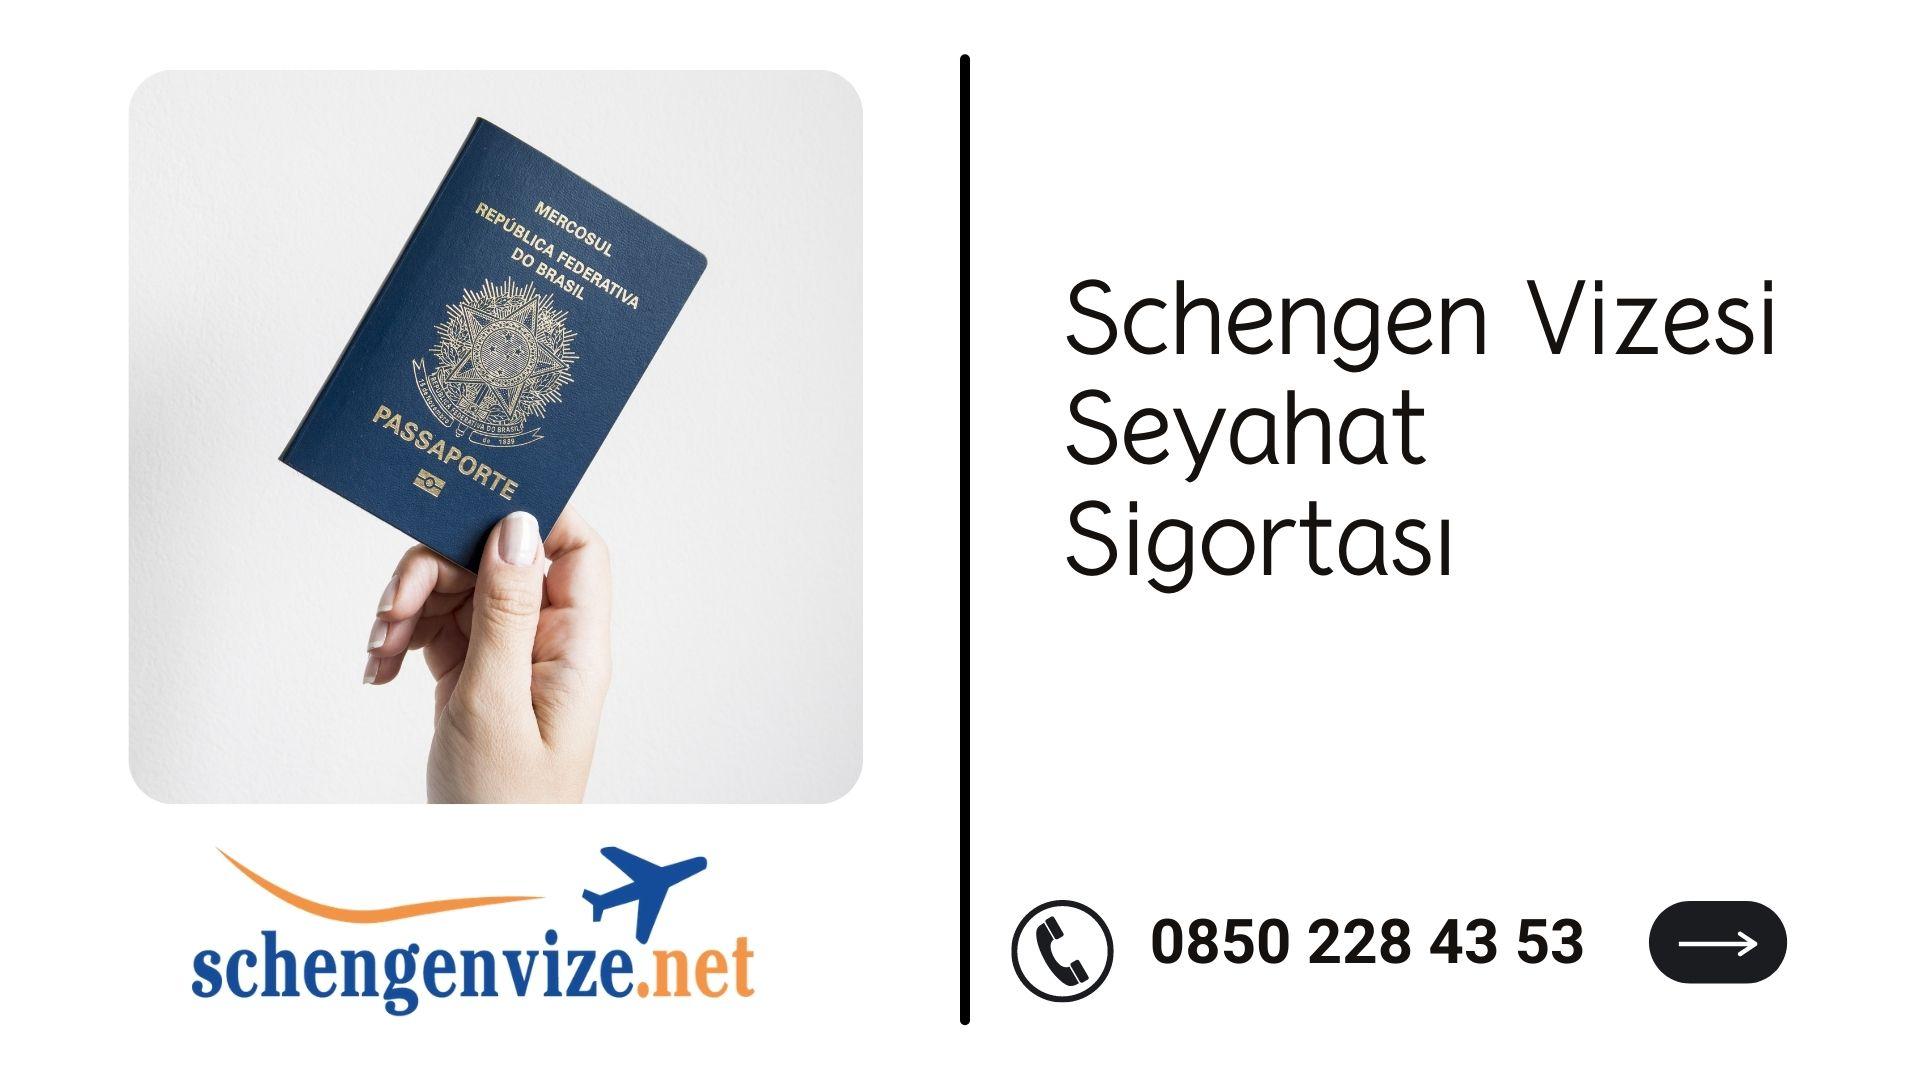 Schengen Vizesi Seyahat Sigortası